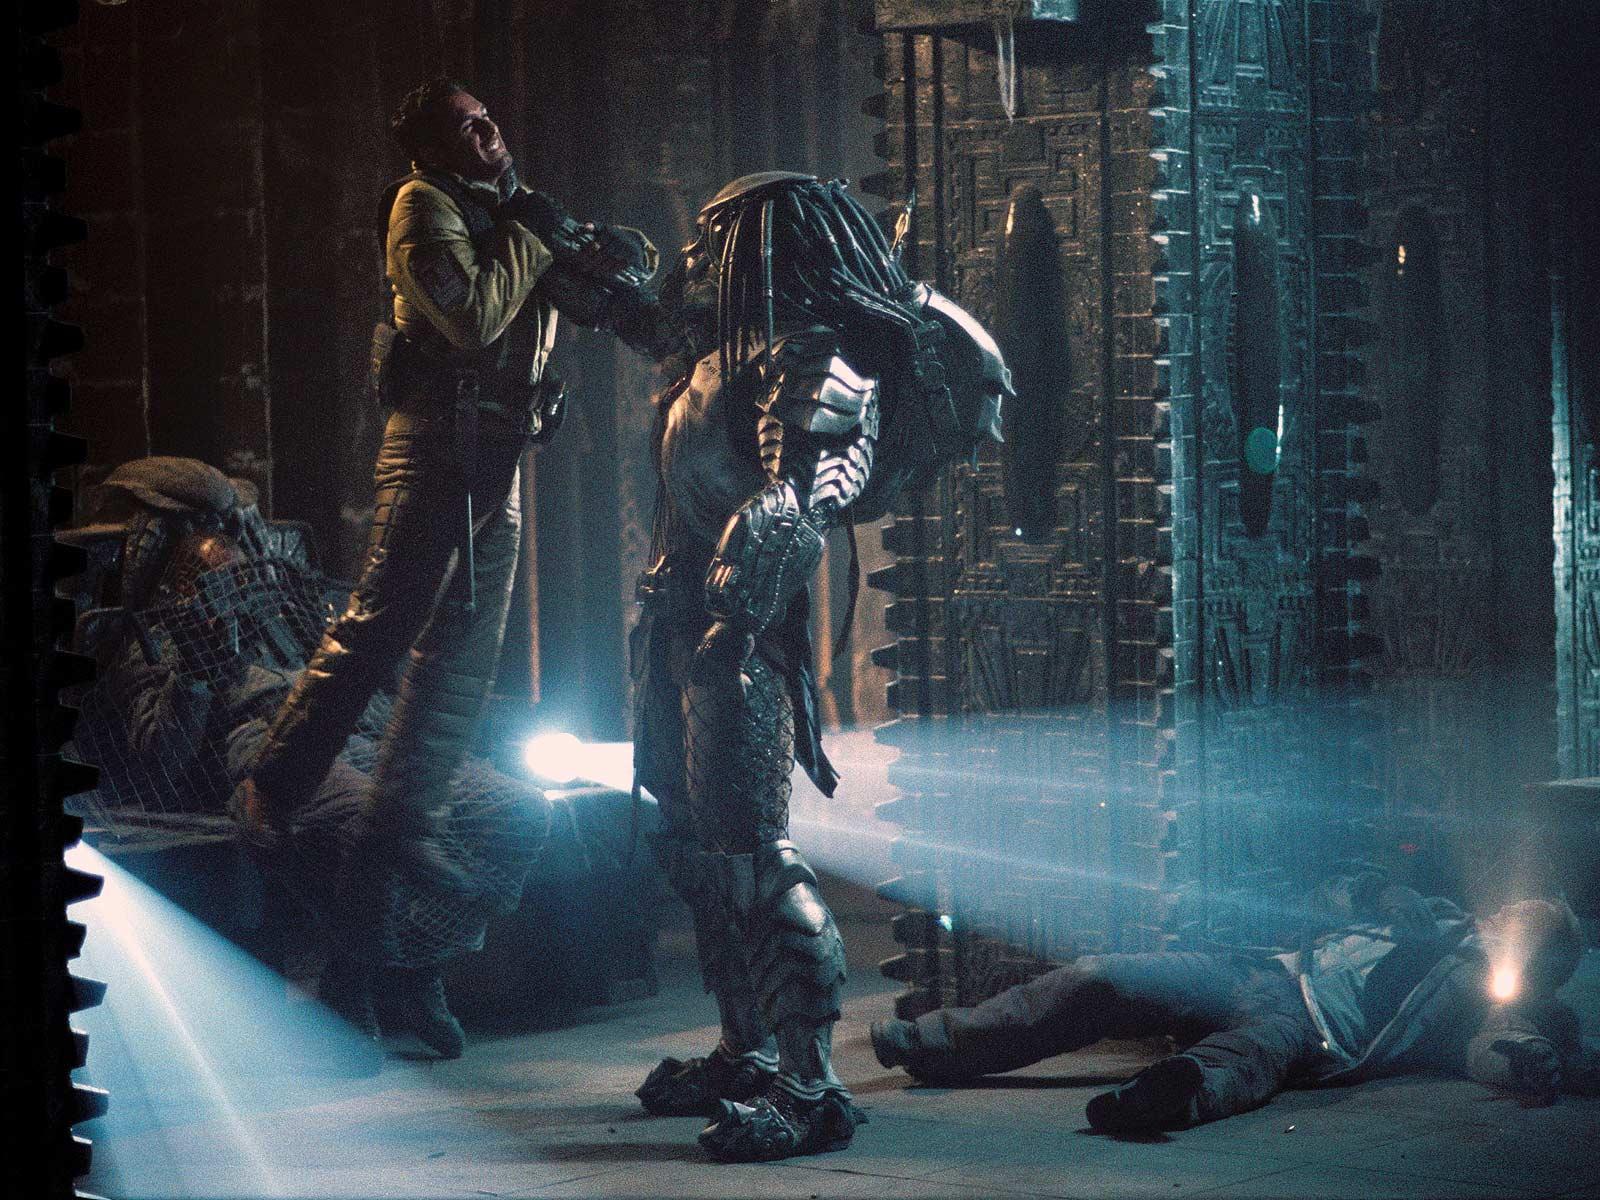 Predator 2018 4k Wallpapers: Alien-vs-predator